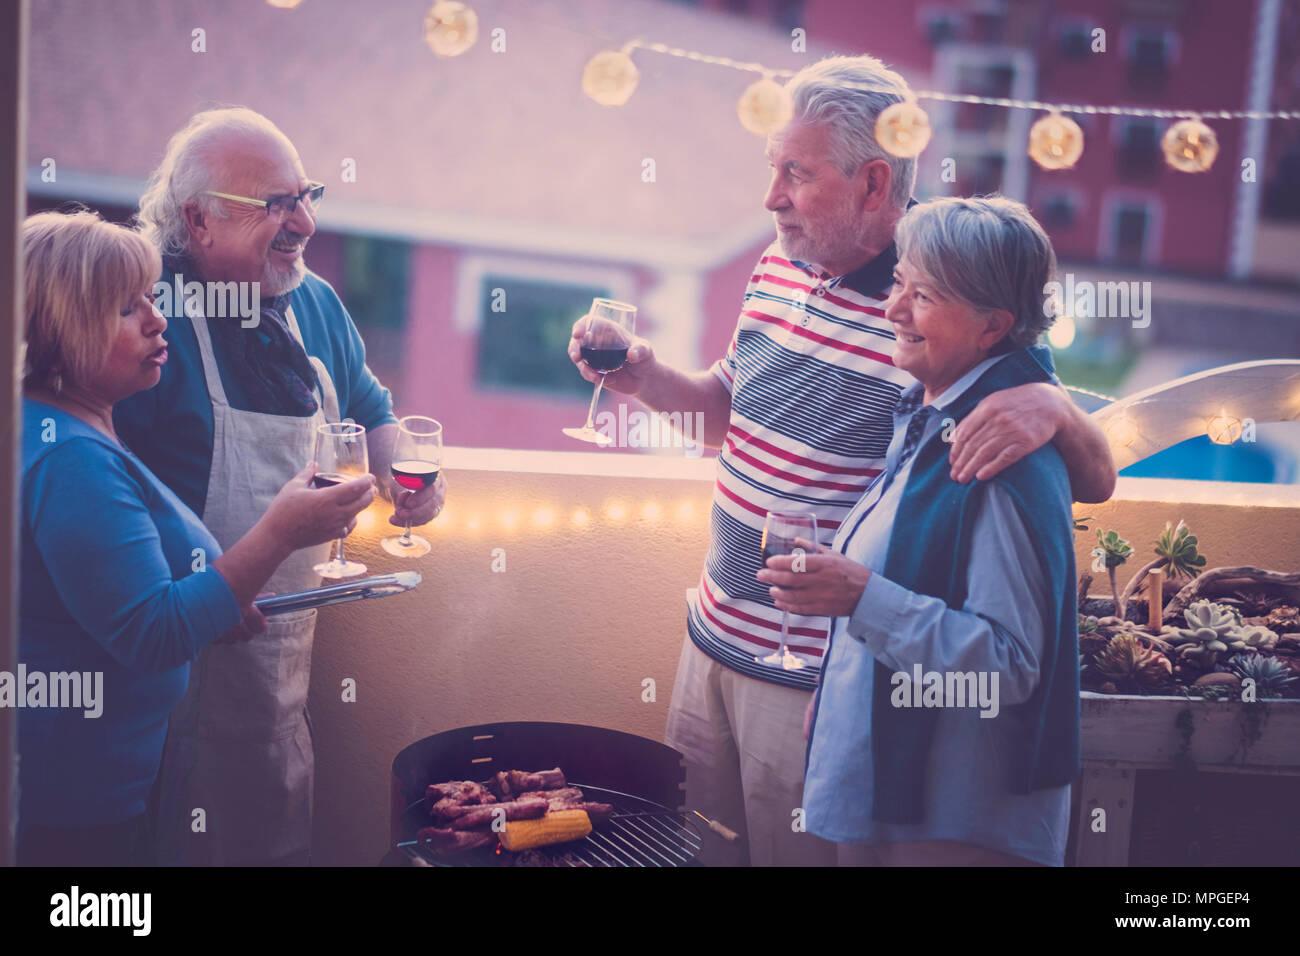 Groupe d'amis, les aînés ayant un barbecue barbecue ensemble sur le toit avec vue magnifique sur les autres bâtiments. Lumières dans la terrasse de l'ampoule et sourire ha Photo Stock